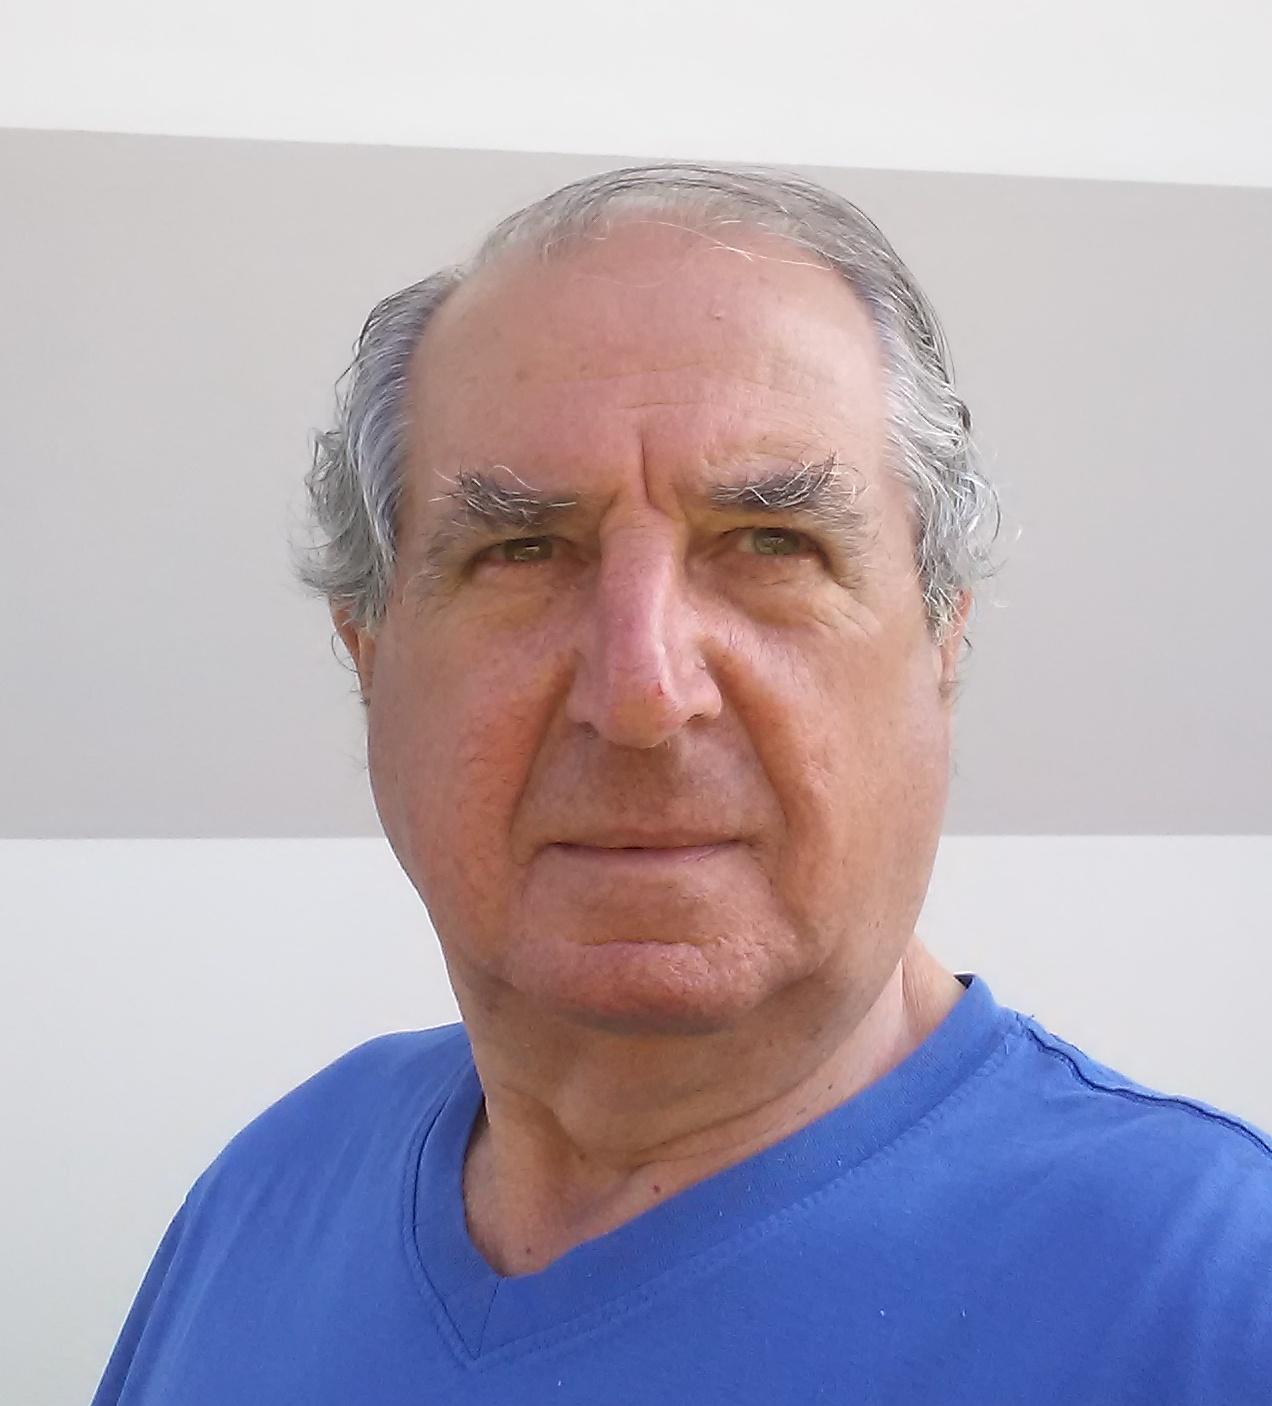 Luigi Girardi Ampezzan